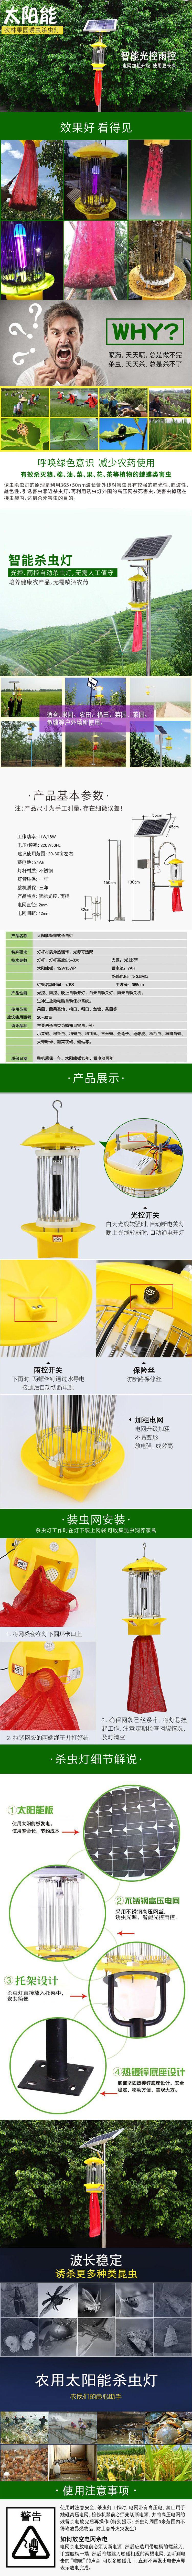 太阳能杀虫灯1.jpg